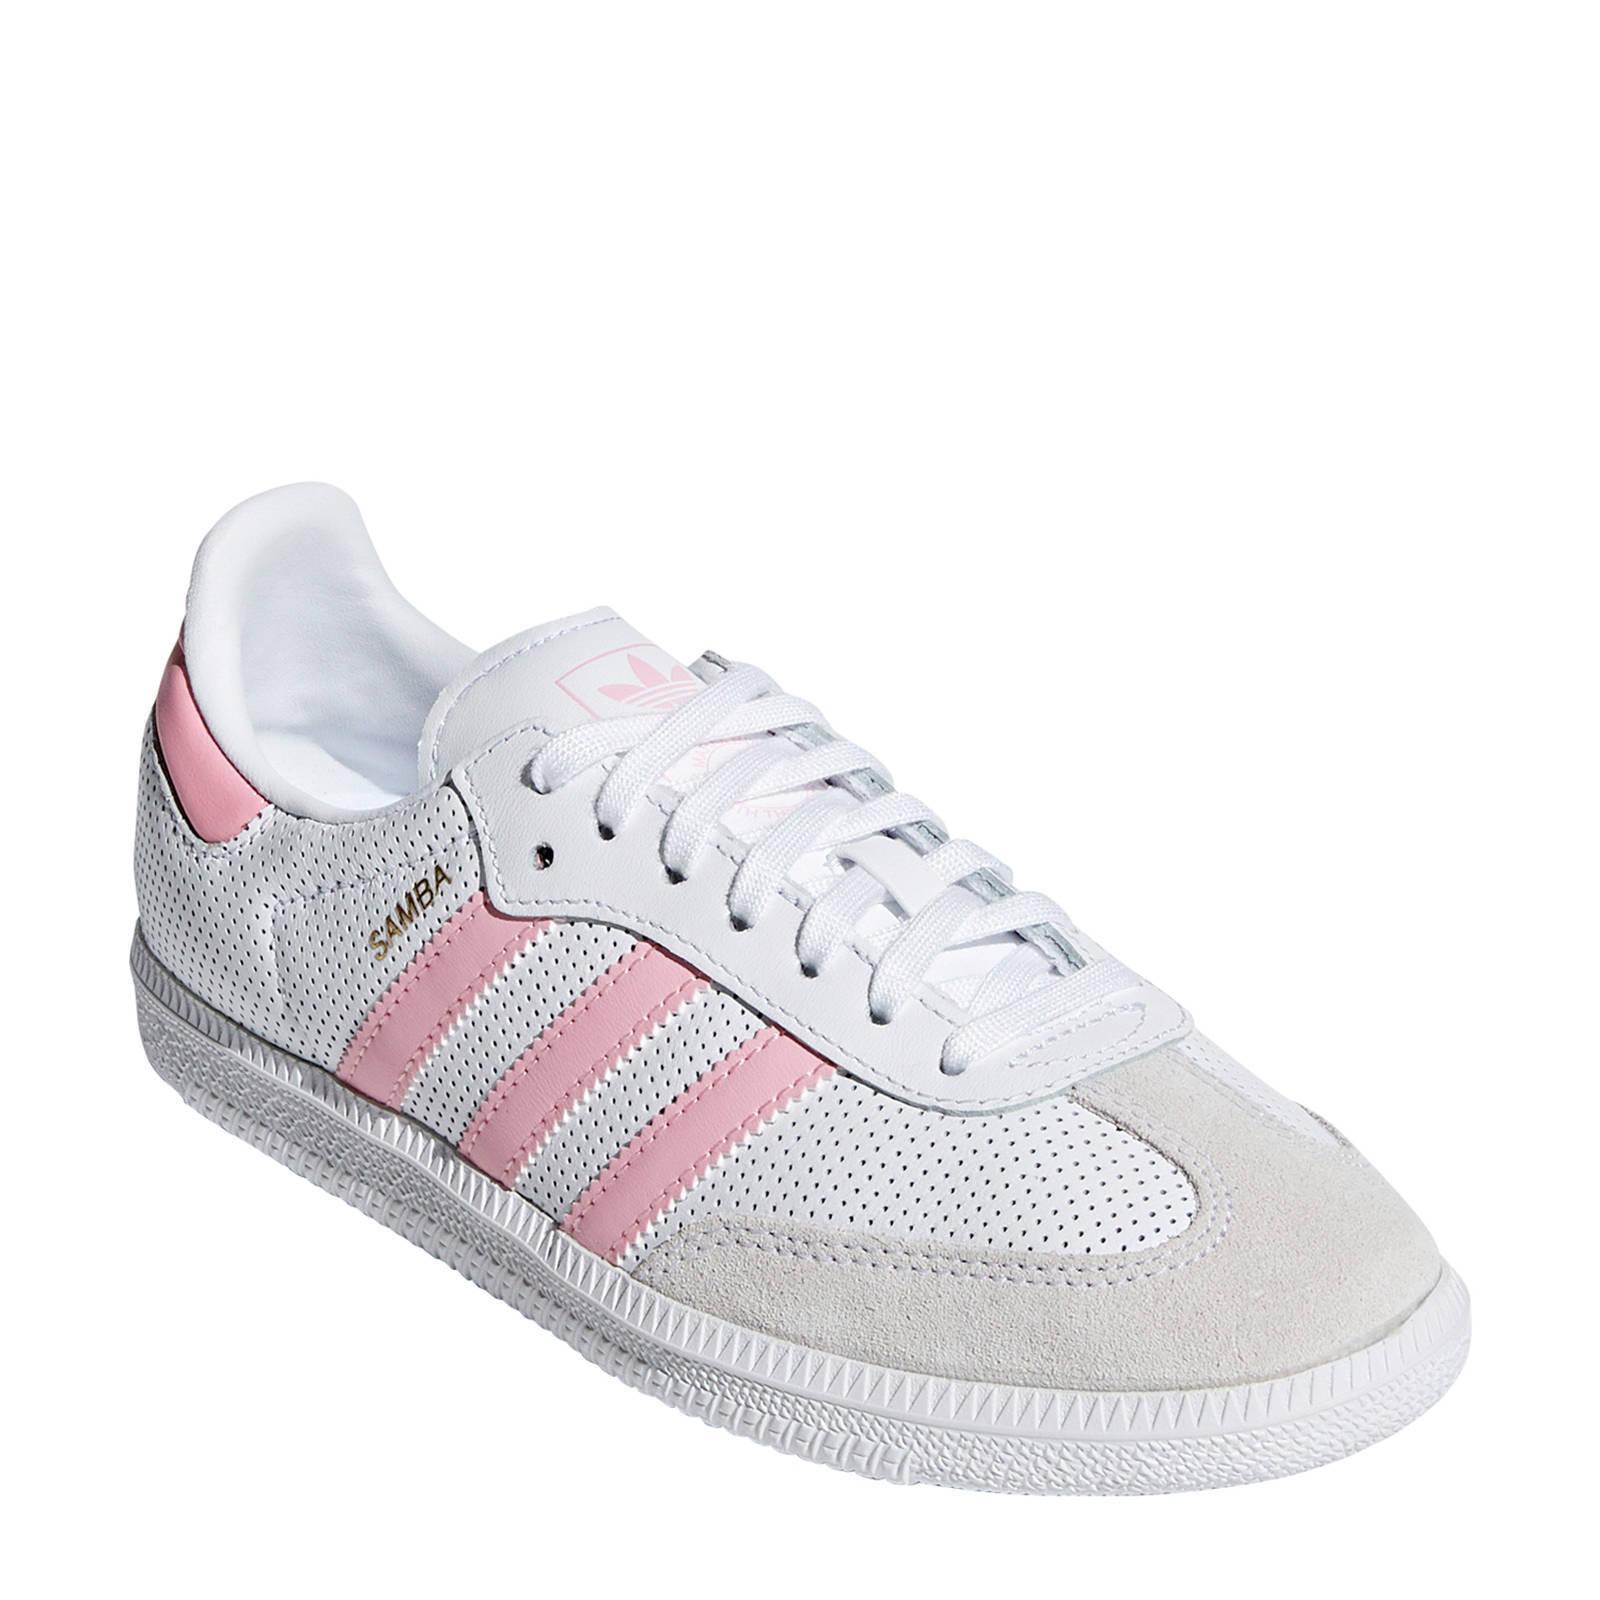 adidas schoenen wit met roze